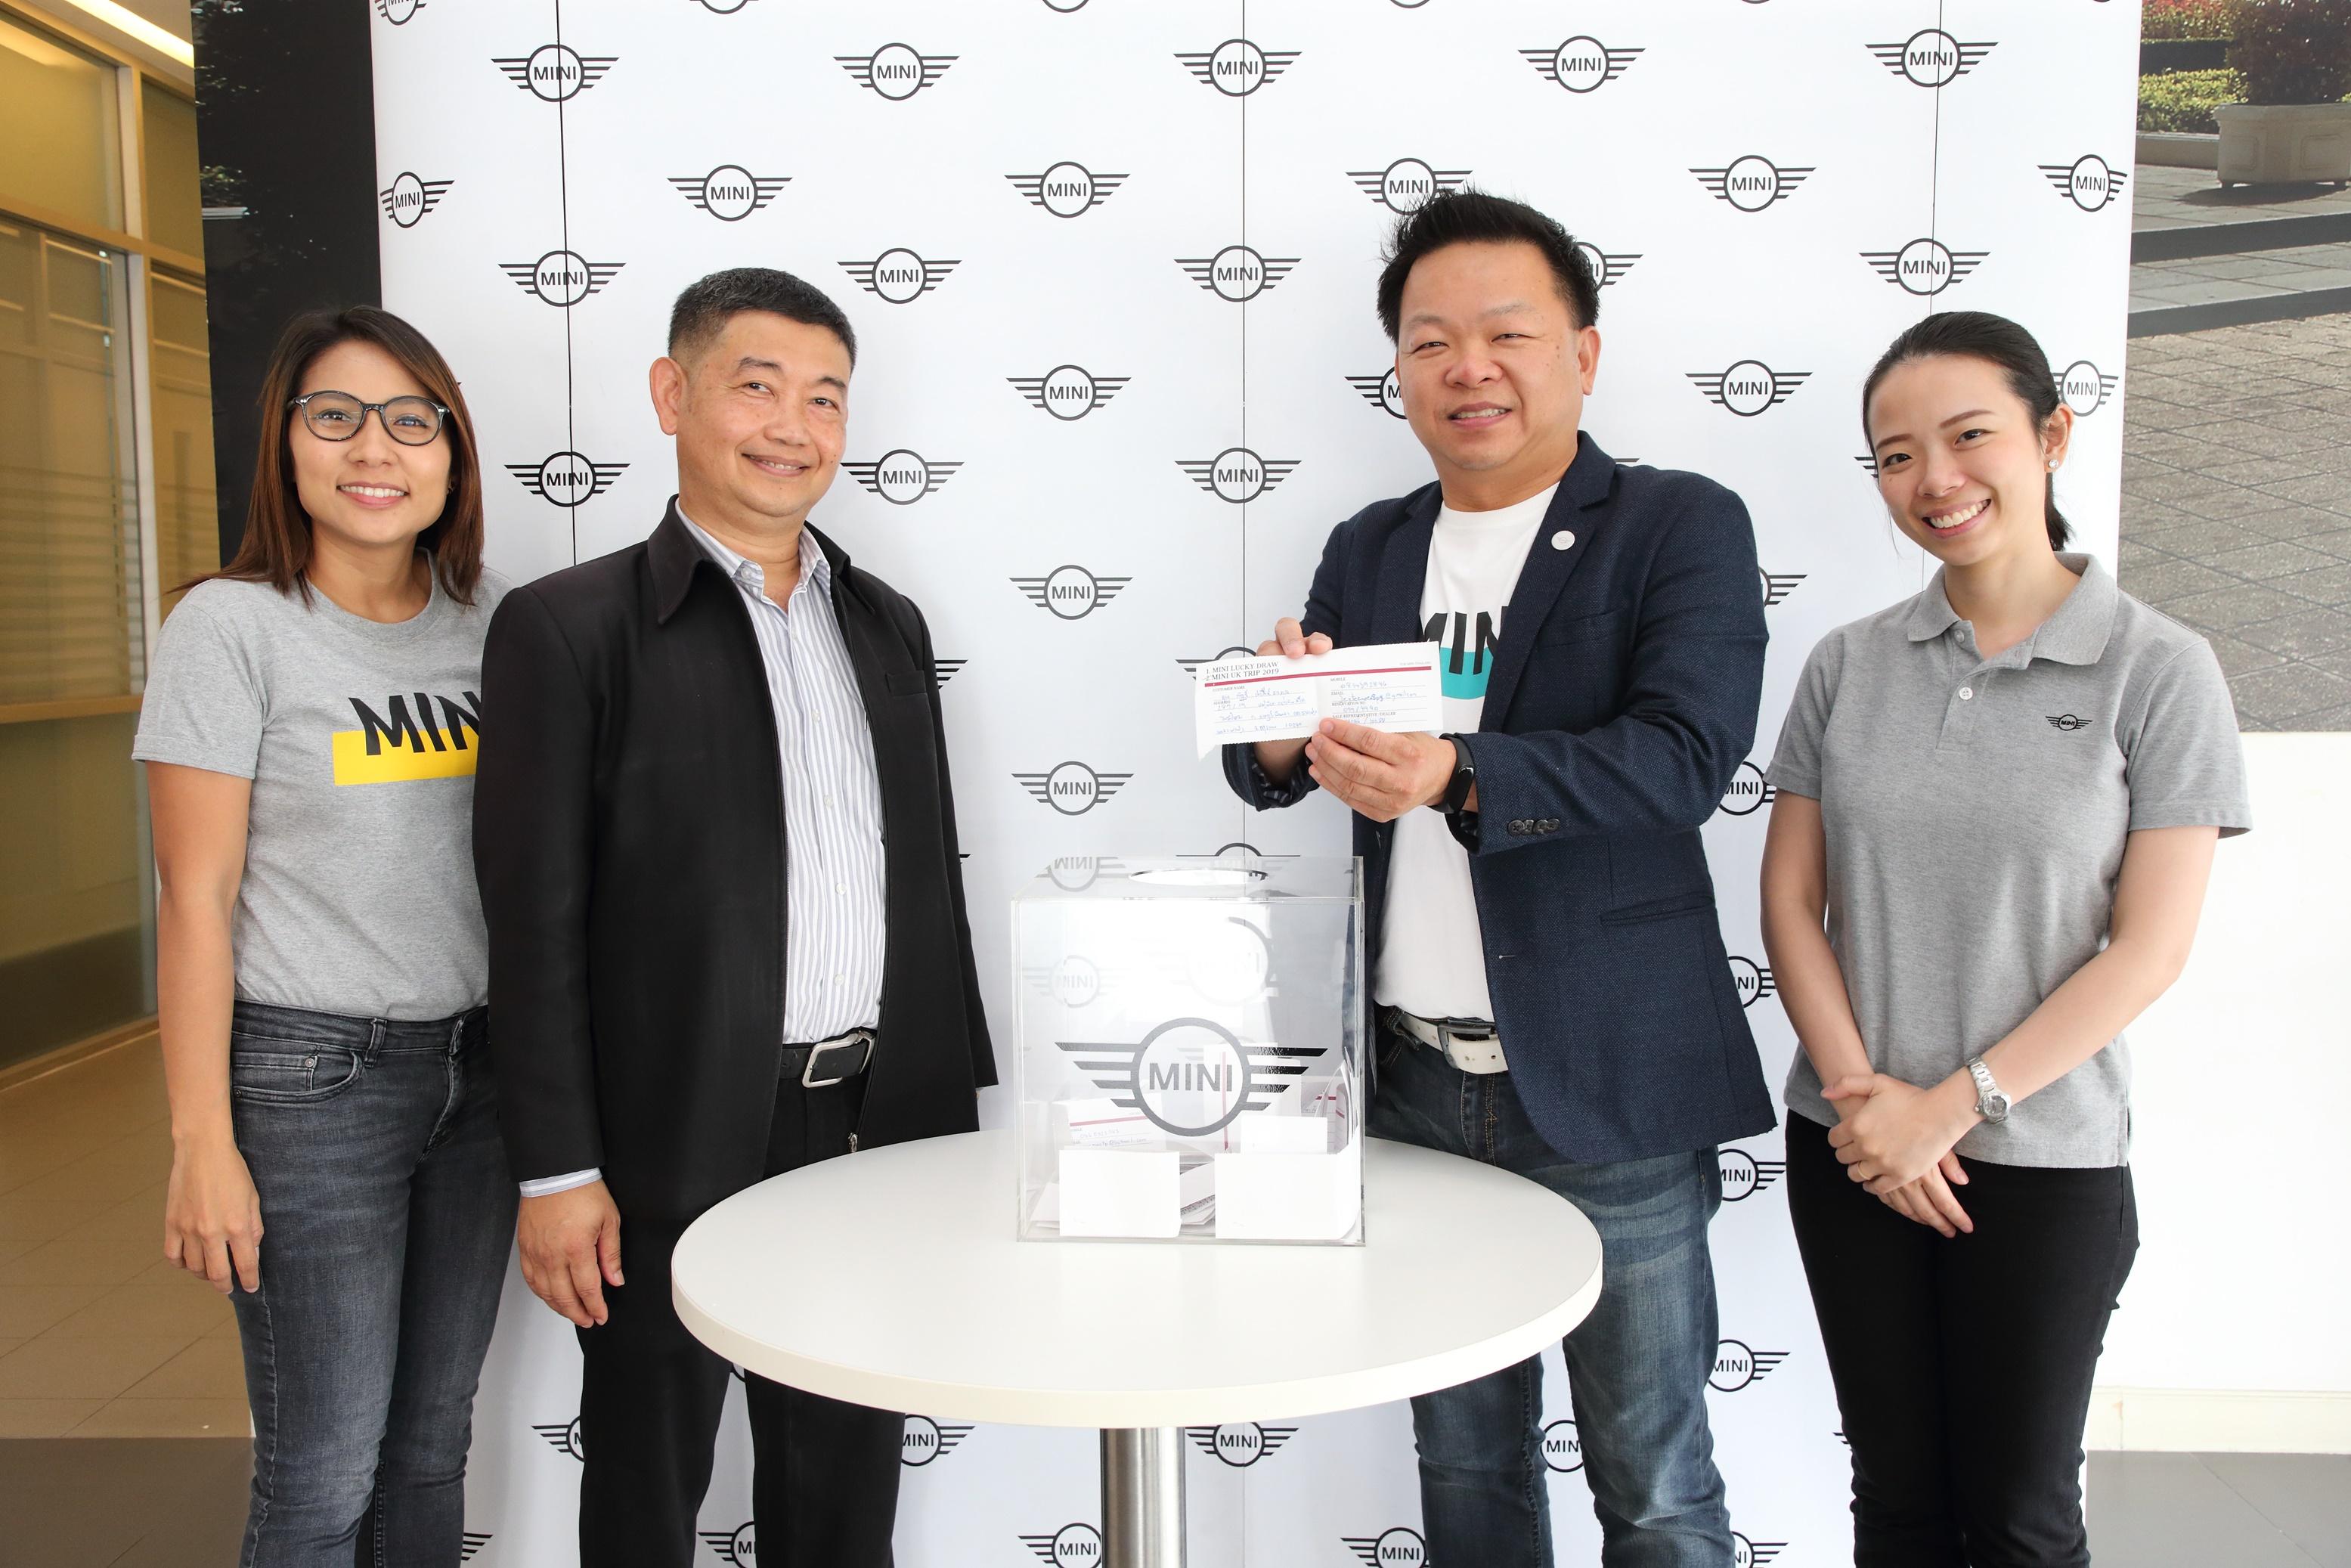 มินิ ประเทศไทย จัดโปรหนักแทนความรัก ฉลองครบรอบ 60 ปี มอบรางวัลแพคเกจทัวร์ประเทศอังกฤษให้แก่ลูกค้าที่จองรถในเดือนกุมภาพันธ์